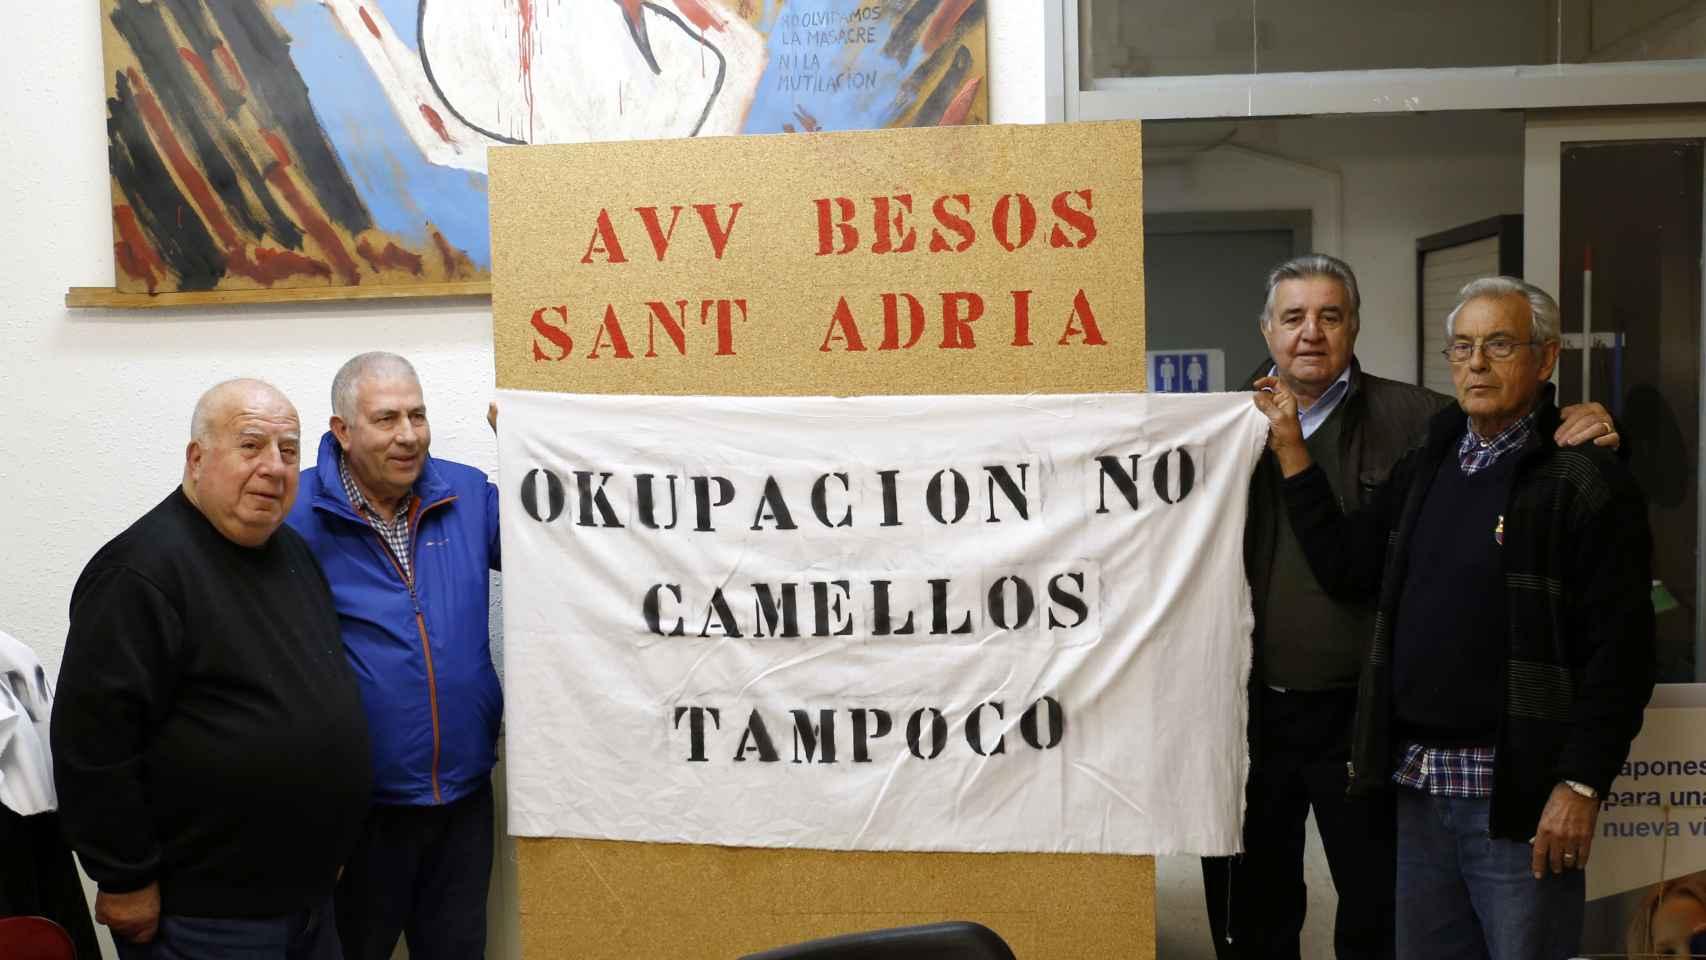 La Asociación de Vecinos organiza las protestas